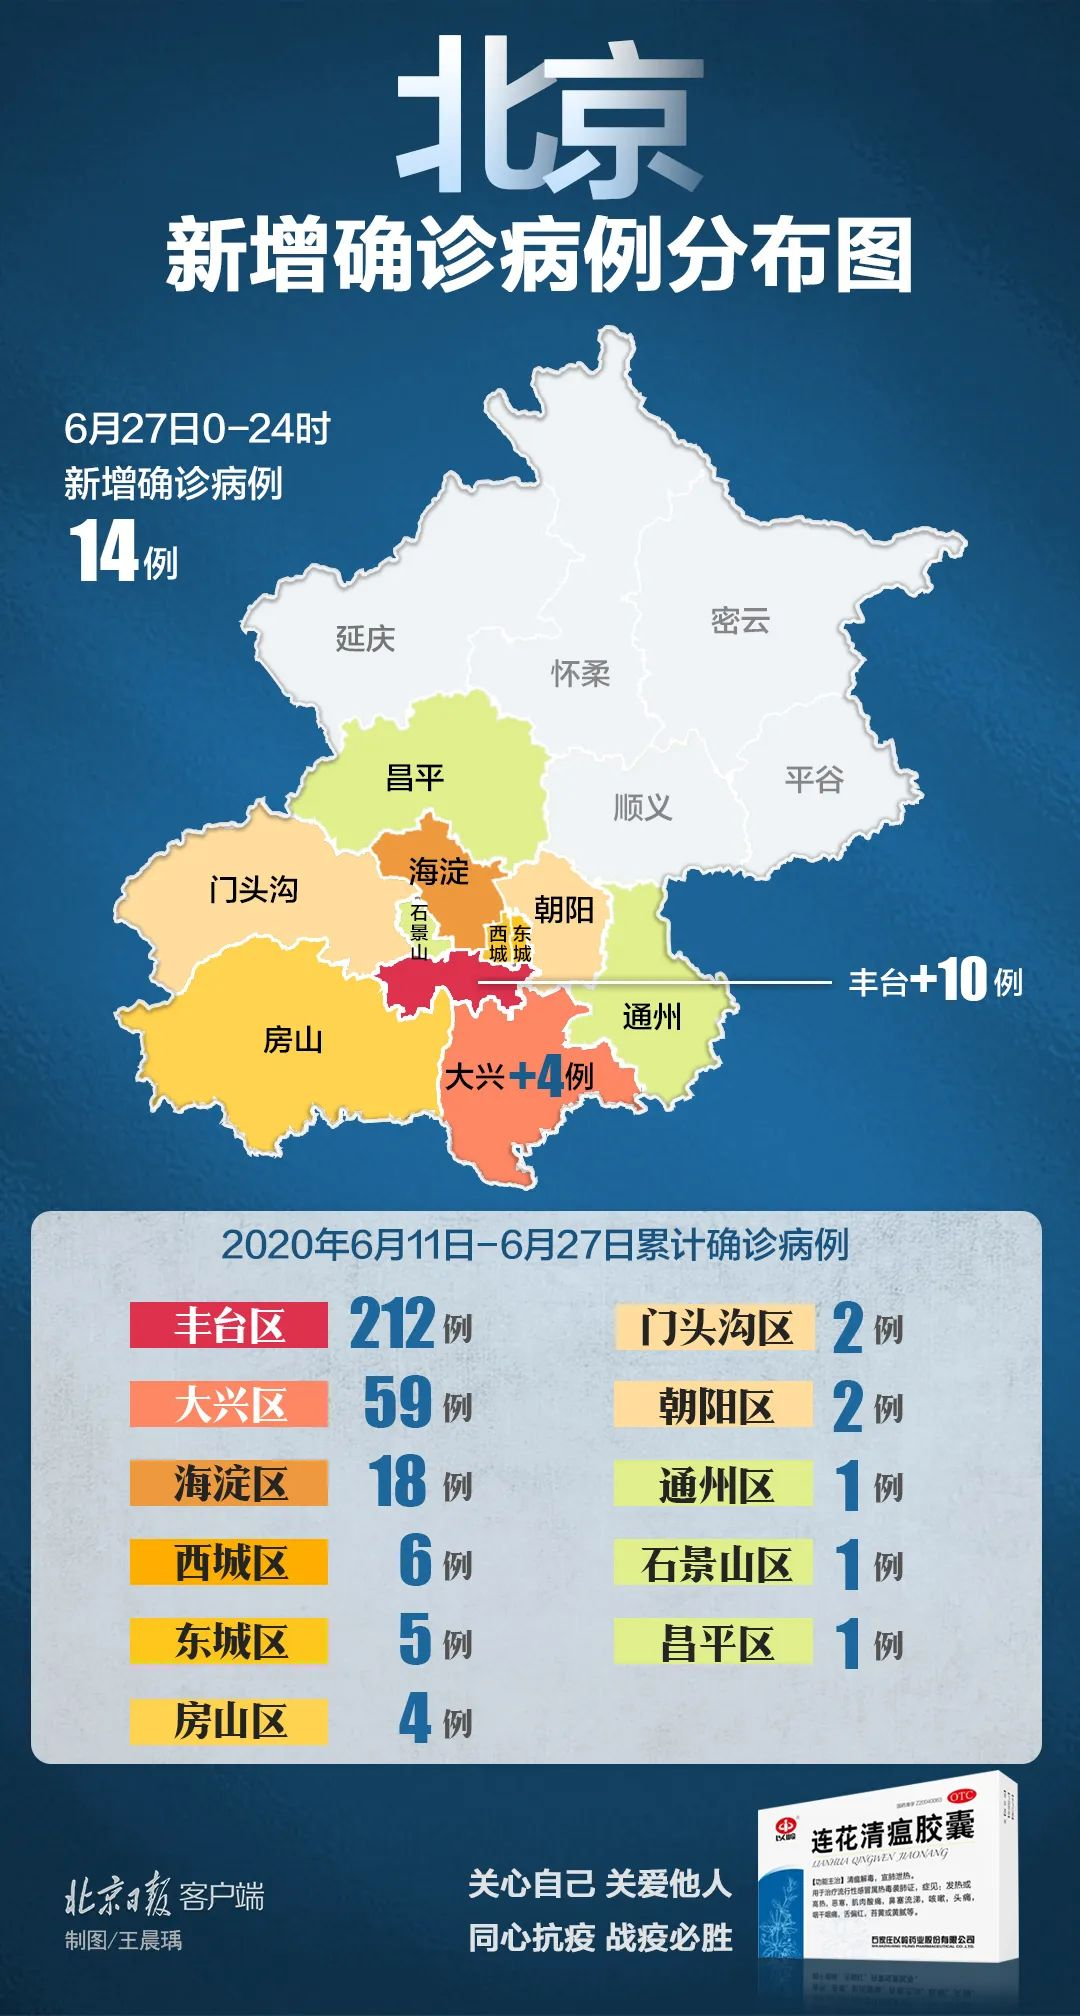 自然科学:确诊北自然科学京现有病例超过300图片